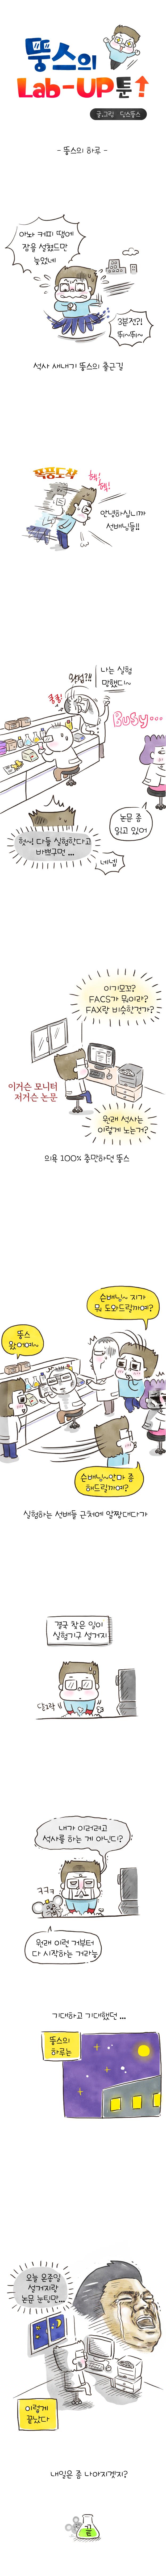 뚱스의 Lab-Up툰! 03_뚱스의하루